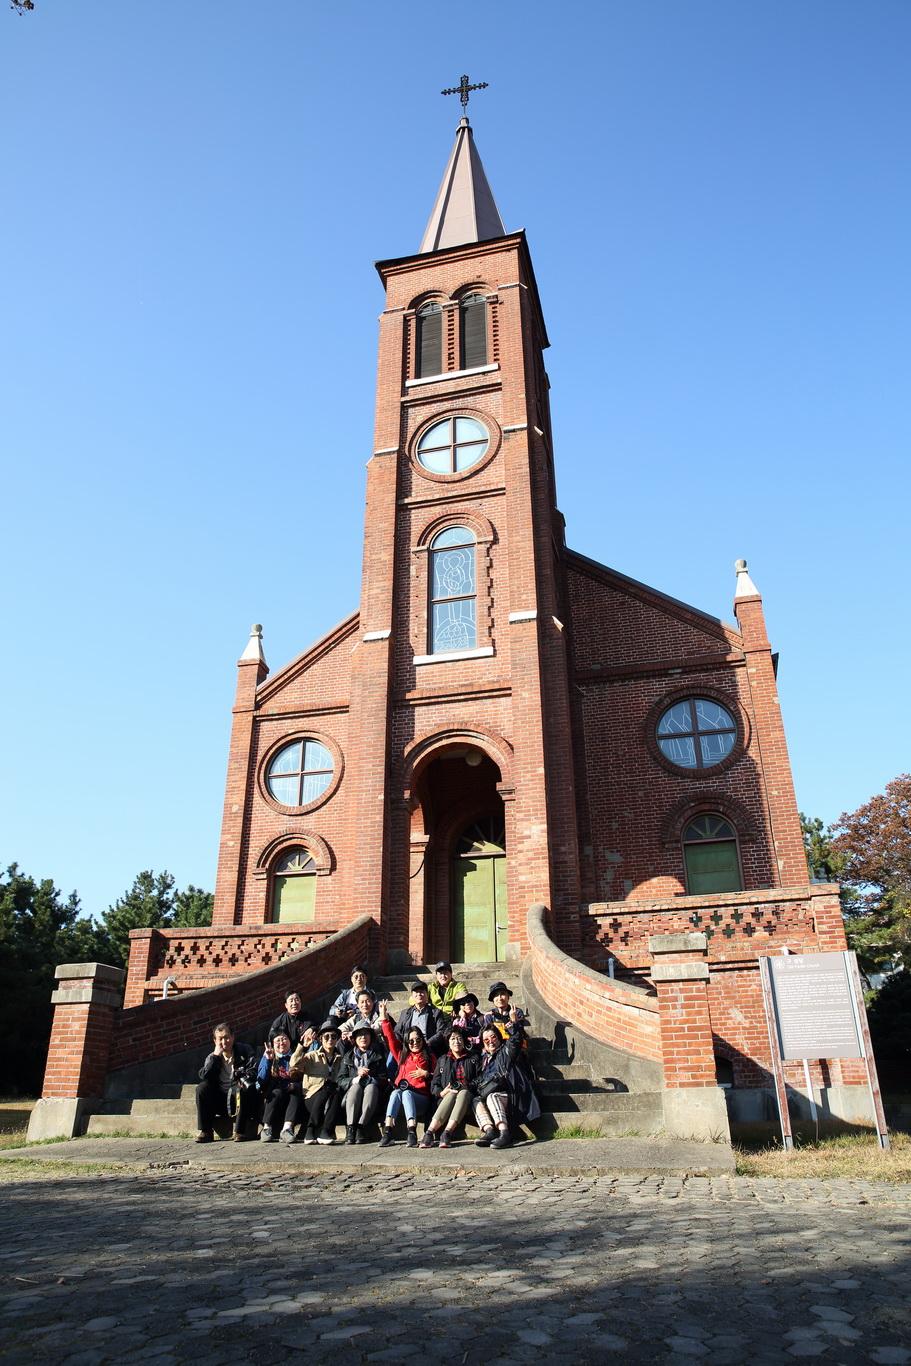 2019-11-09 성모당, 계산성당, 베네딕도 수도원 (55)_크기변경.JPG